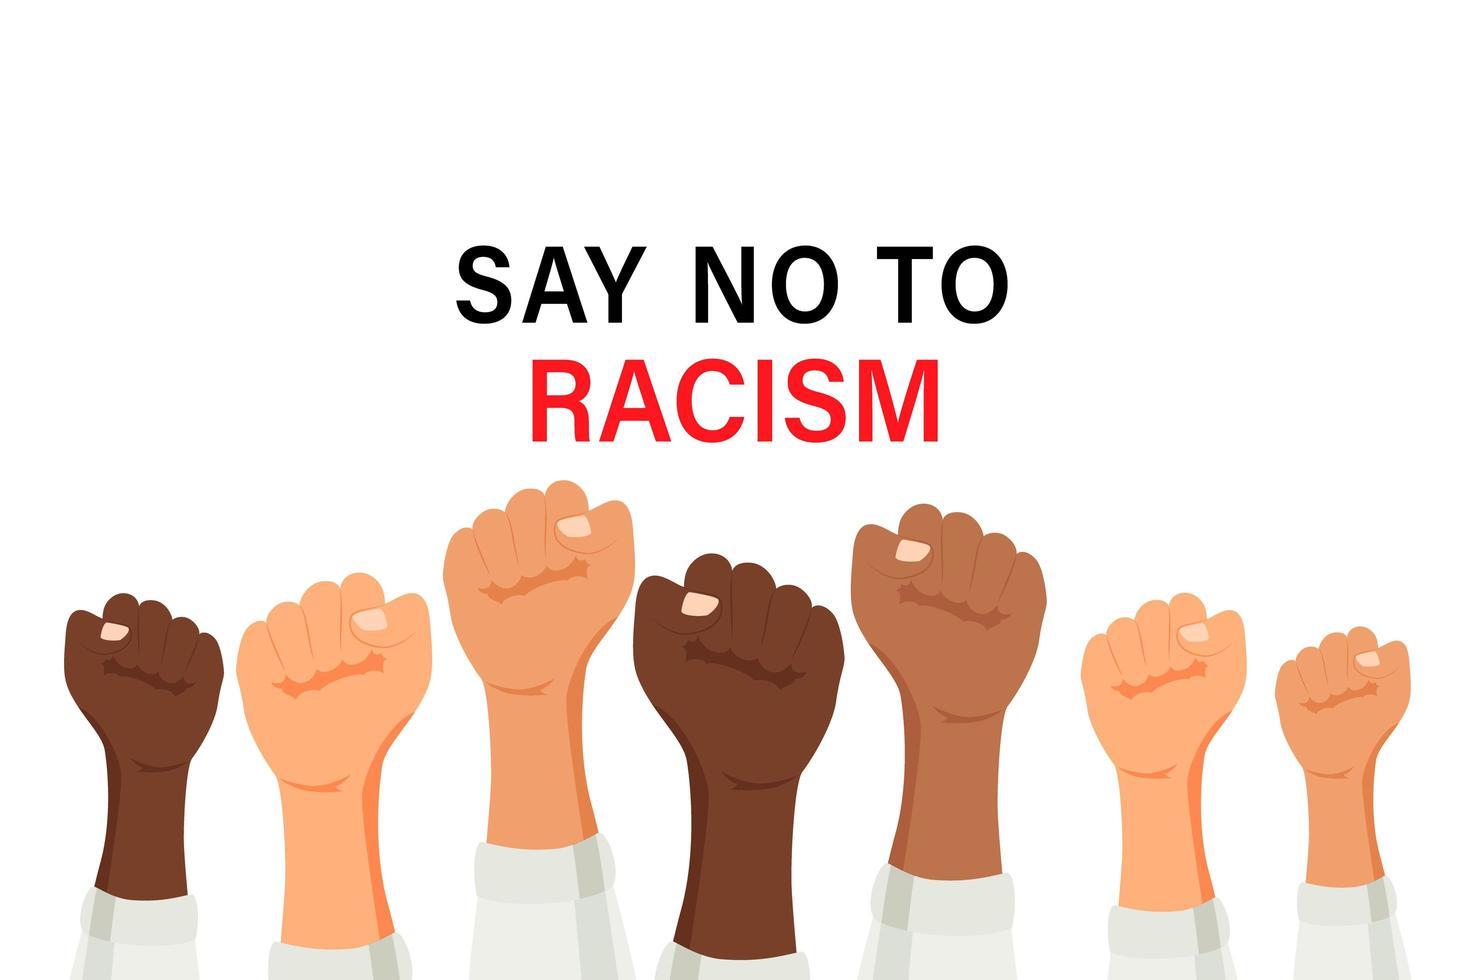 Dites non au racisme avec les bras levés multiraciaux vecteur